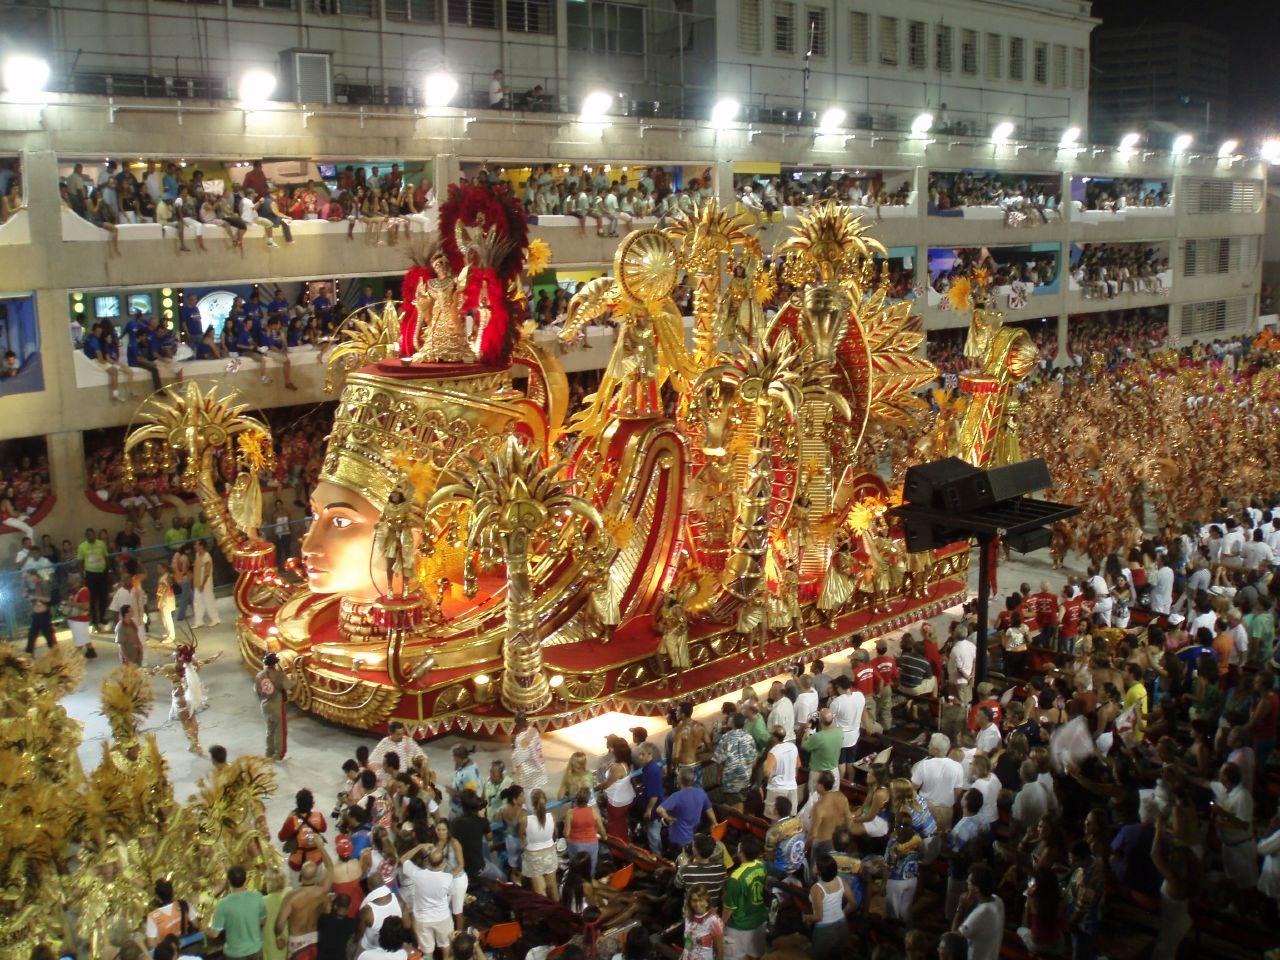 مصرع 176 شخصا في حوادث سير متفرقة بالبرازيل خلال عطلة الكرنفال